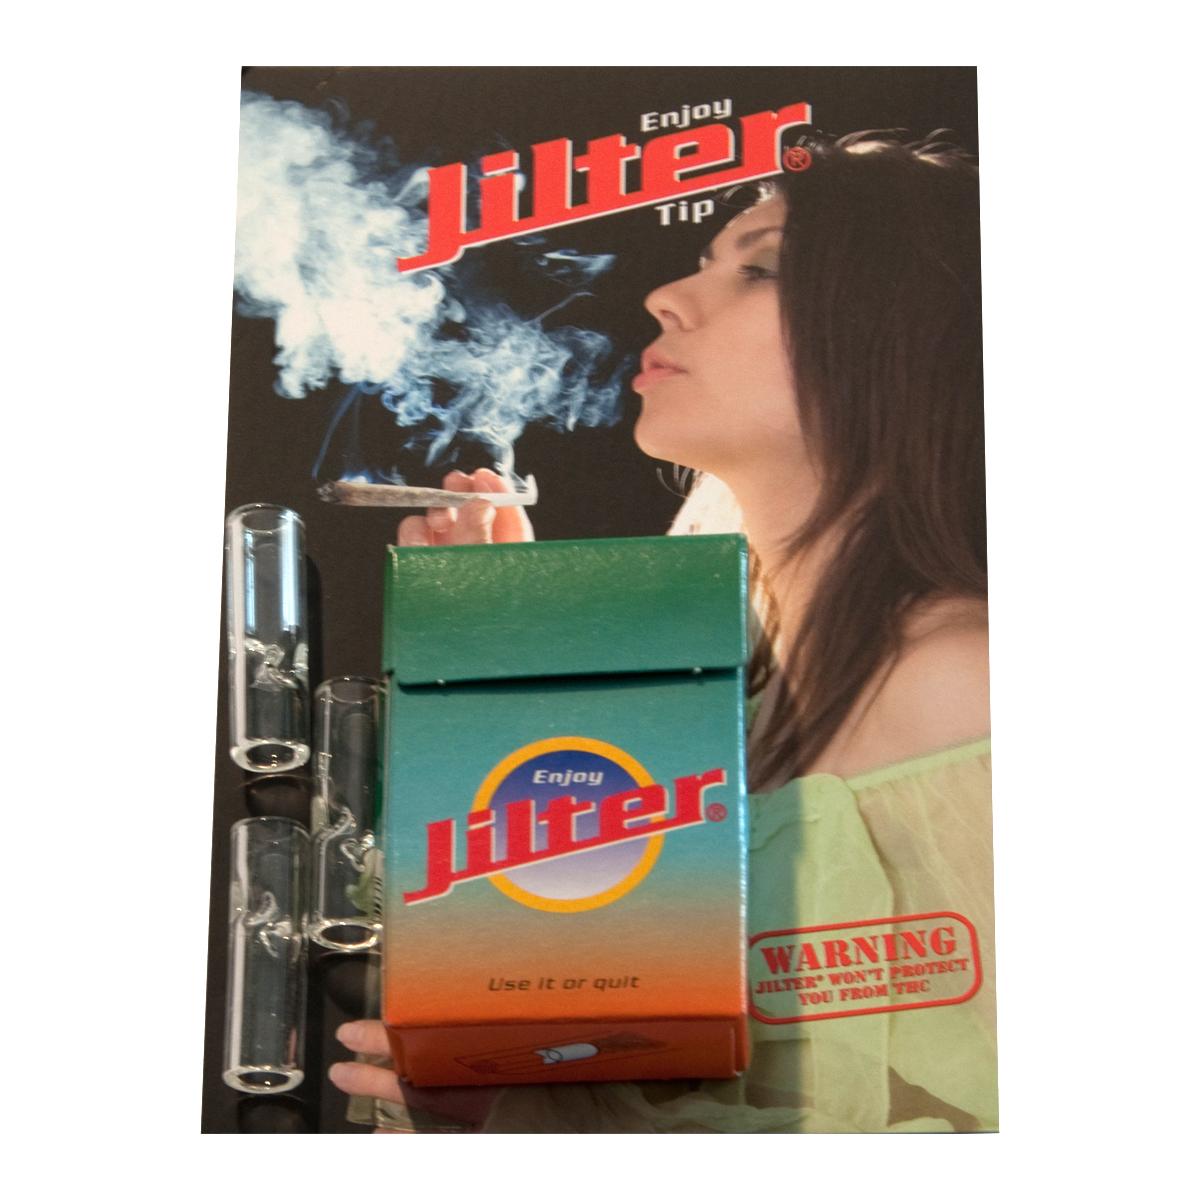 Jilter - XL Glass Tips